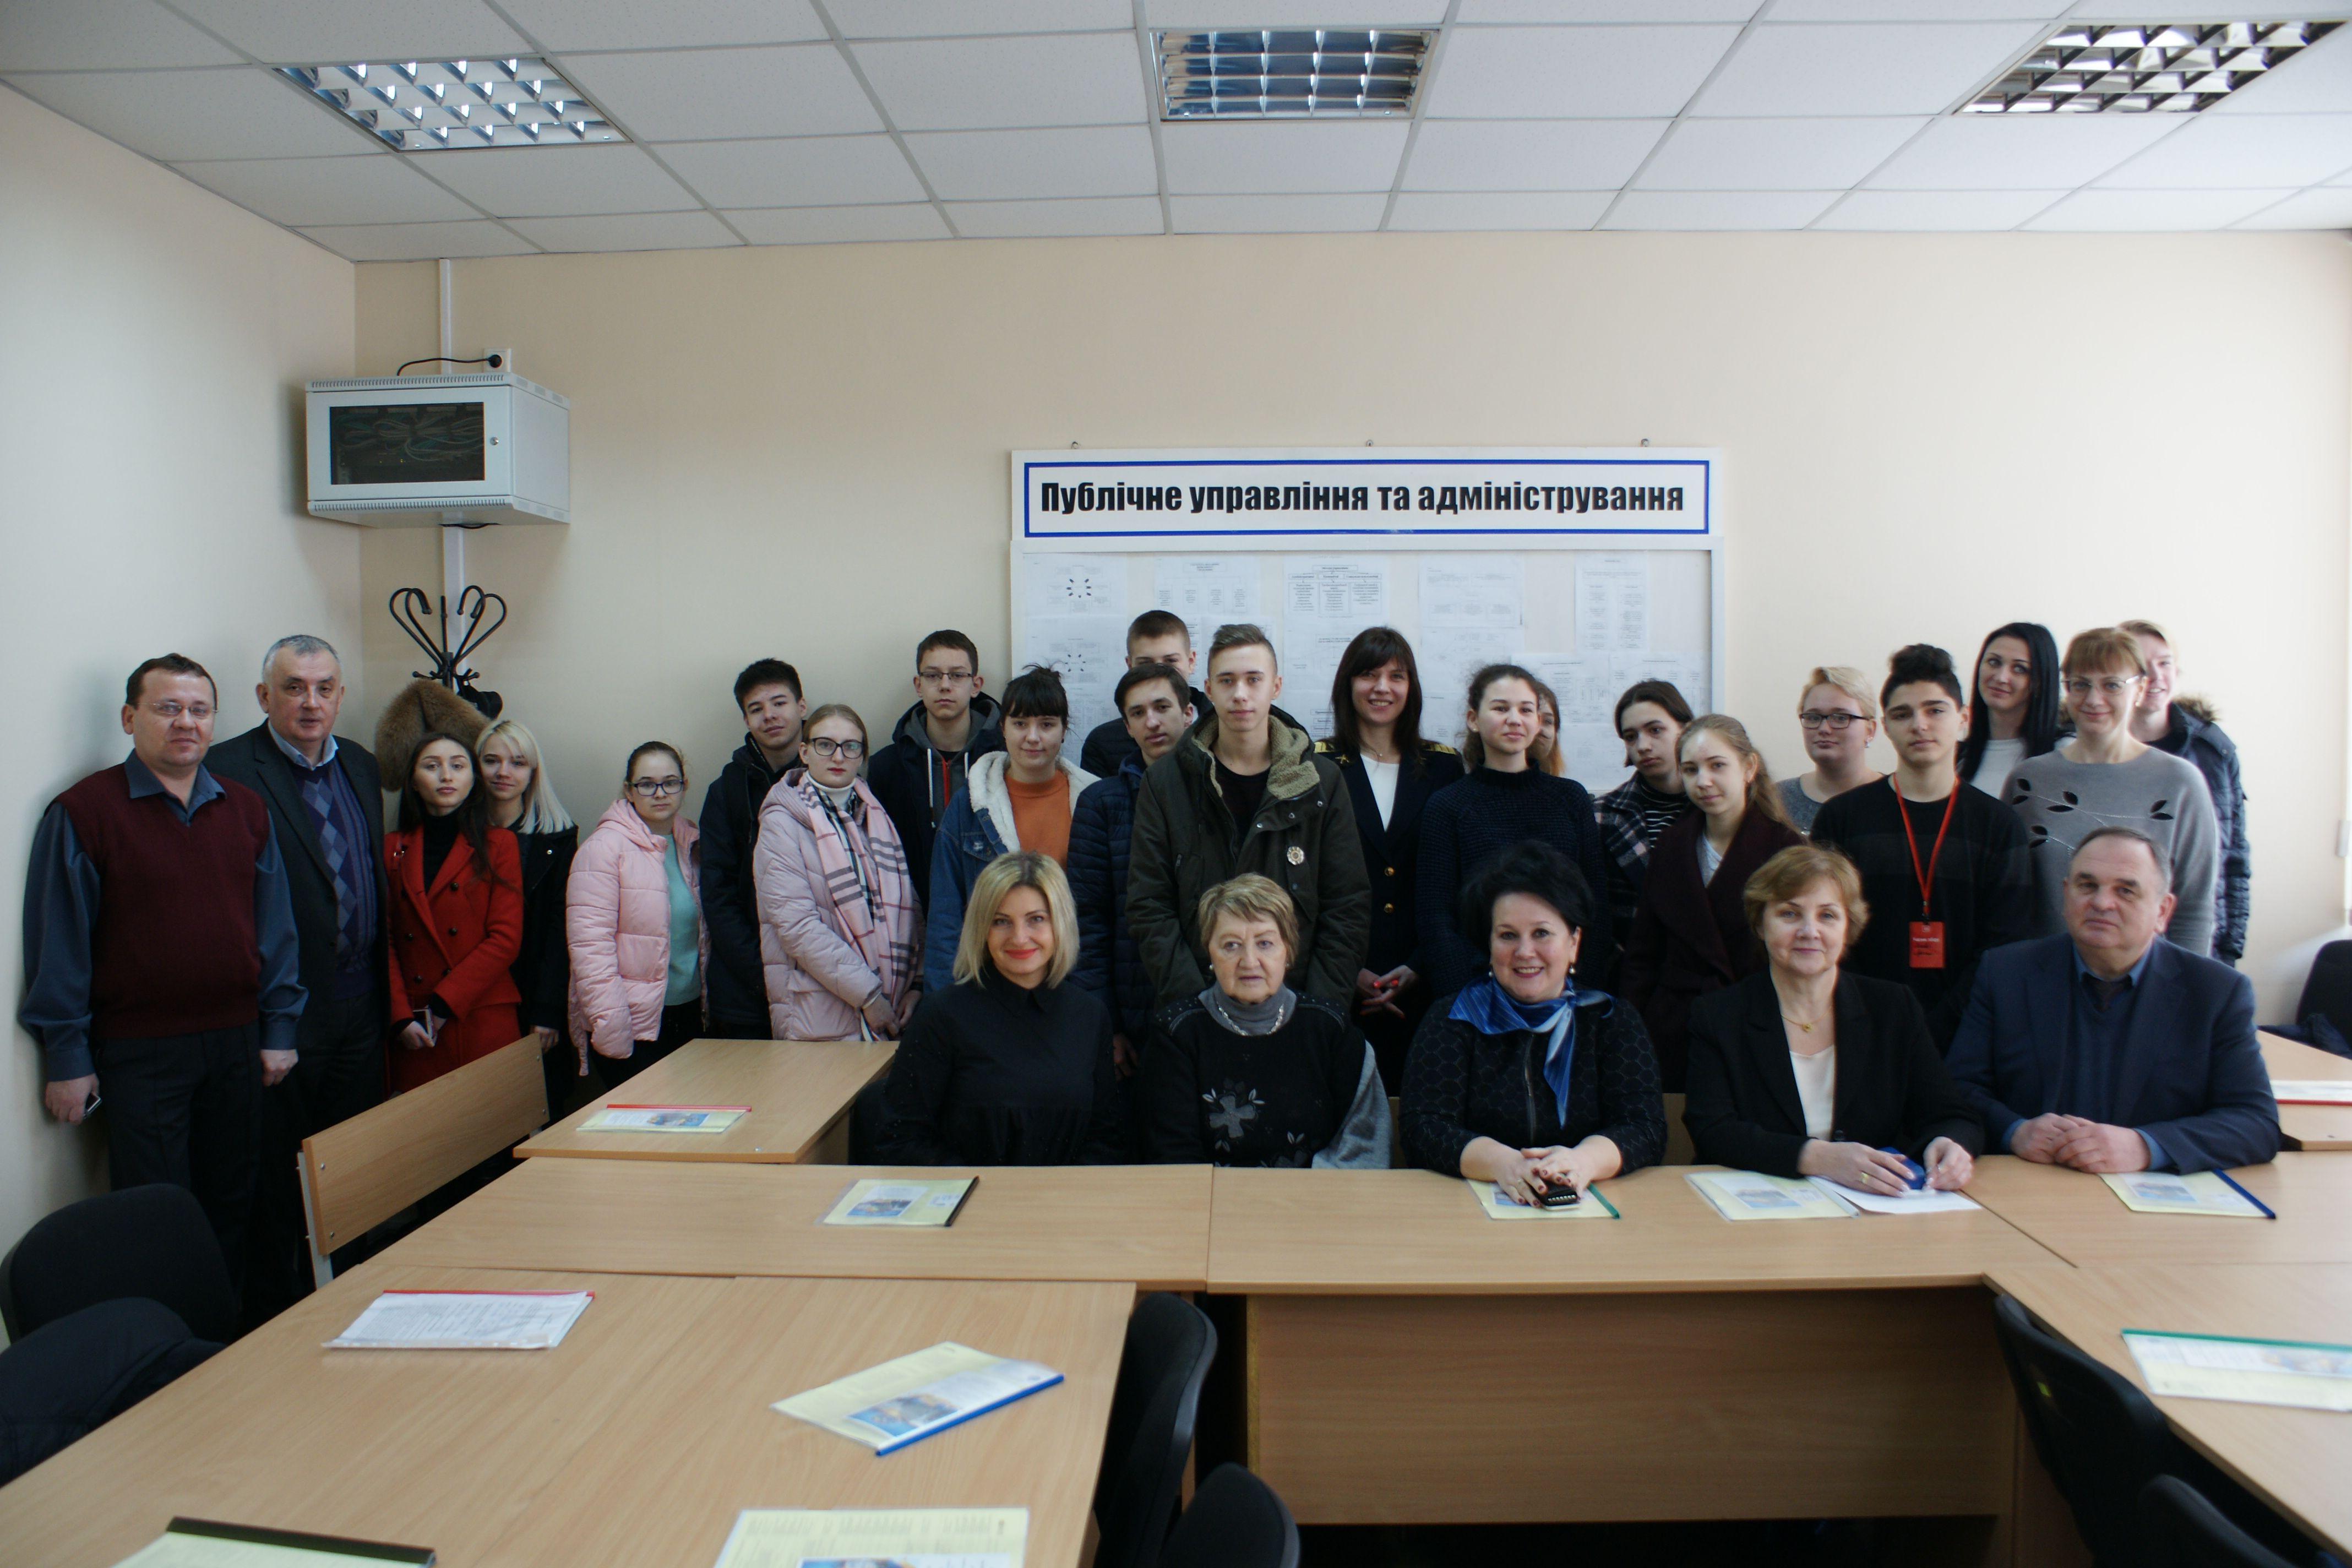 Презентація спеціальності «Публічне управління та адміністрування»